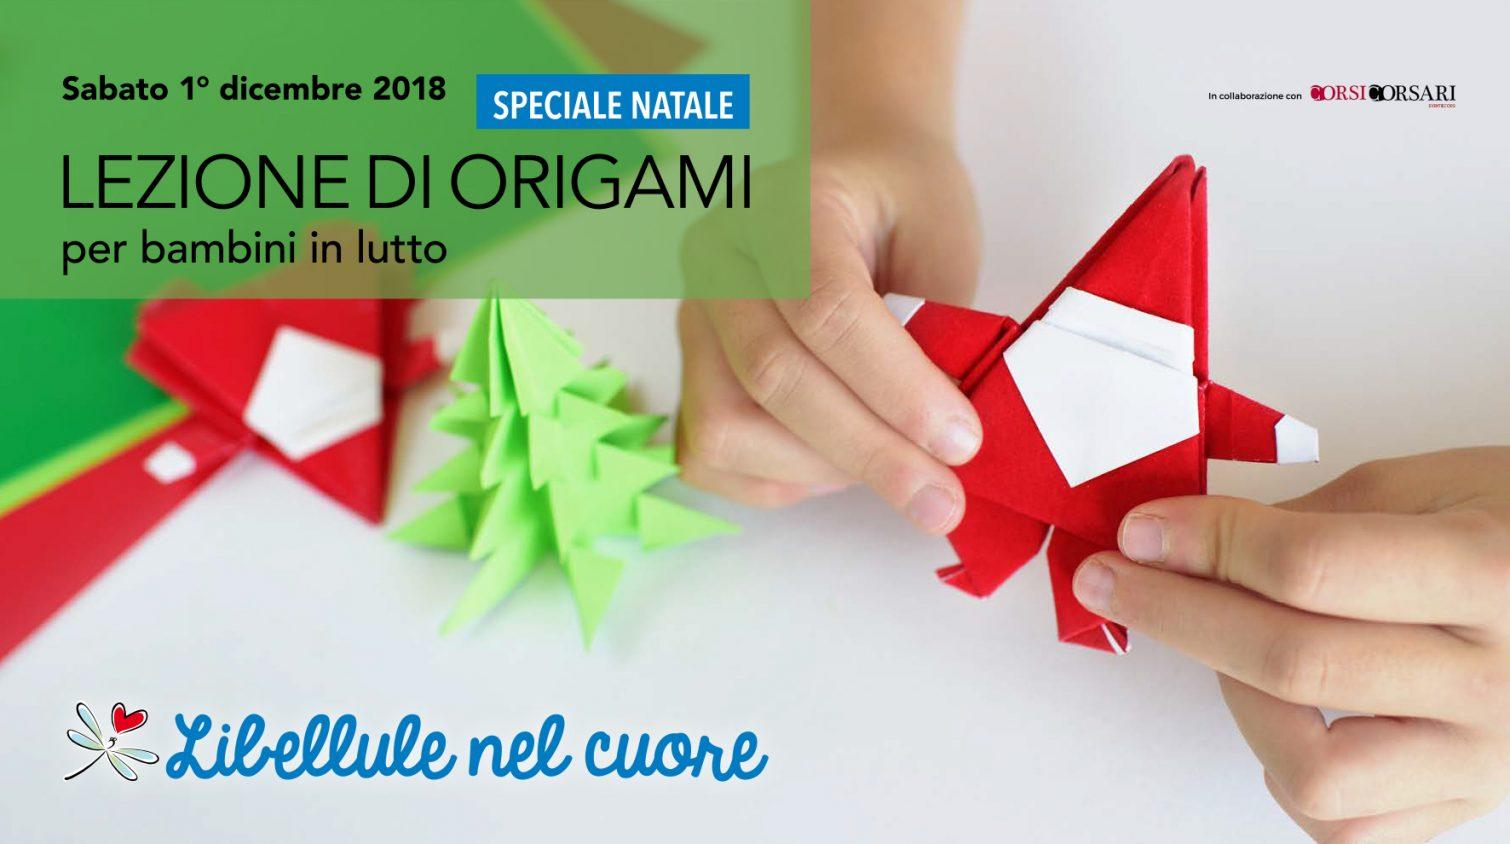 Lezioni di origami per bambini in lutto